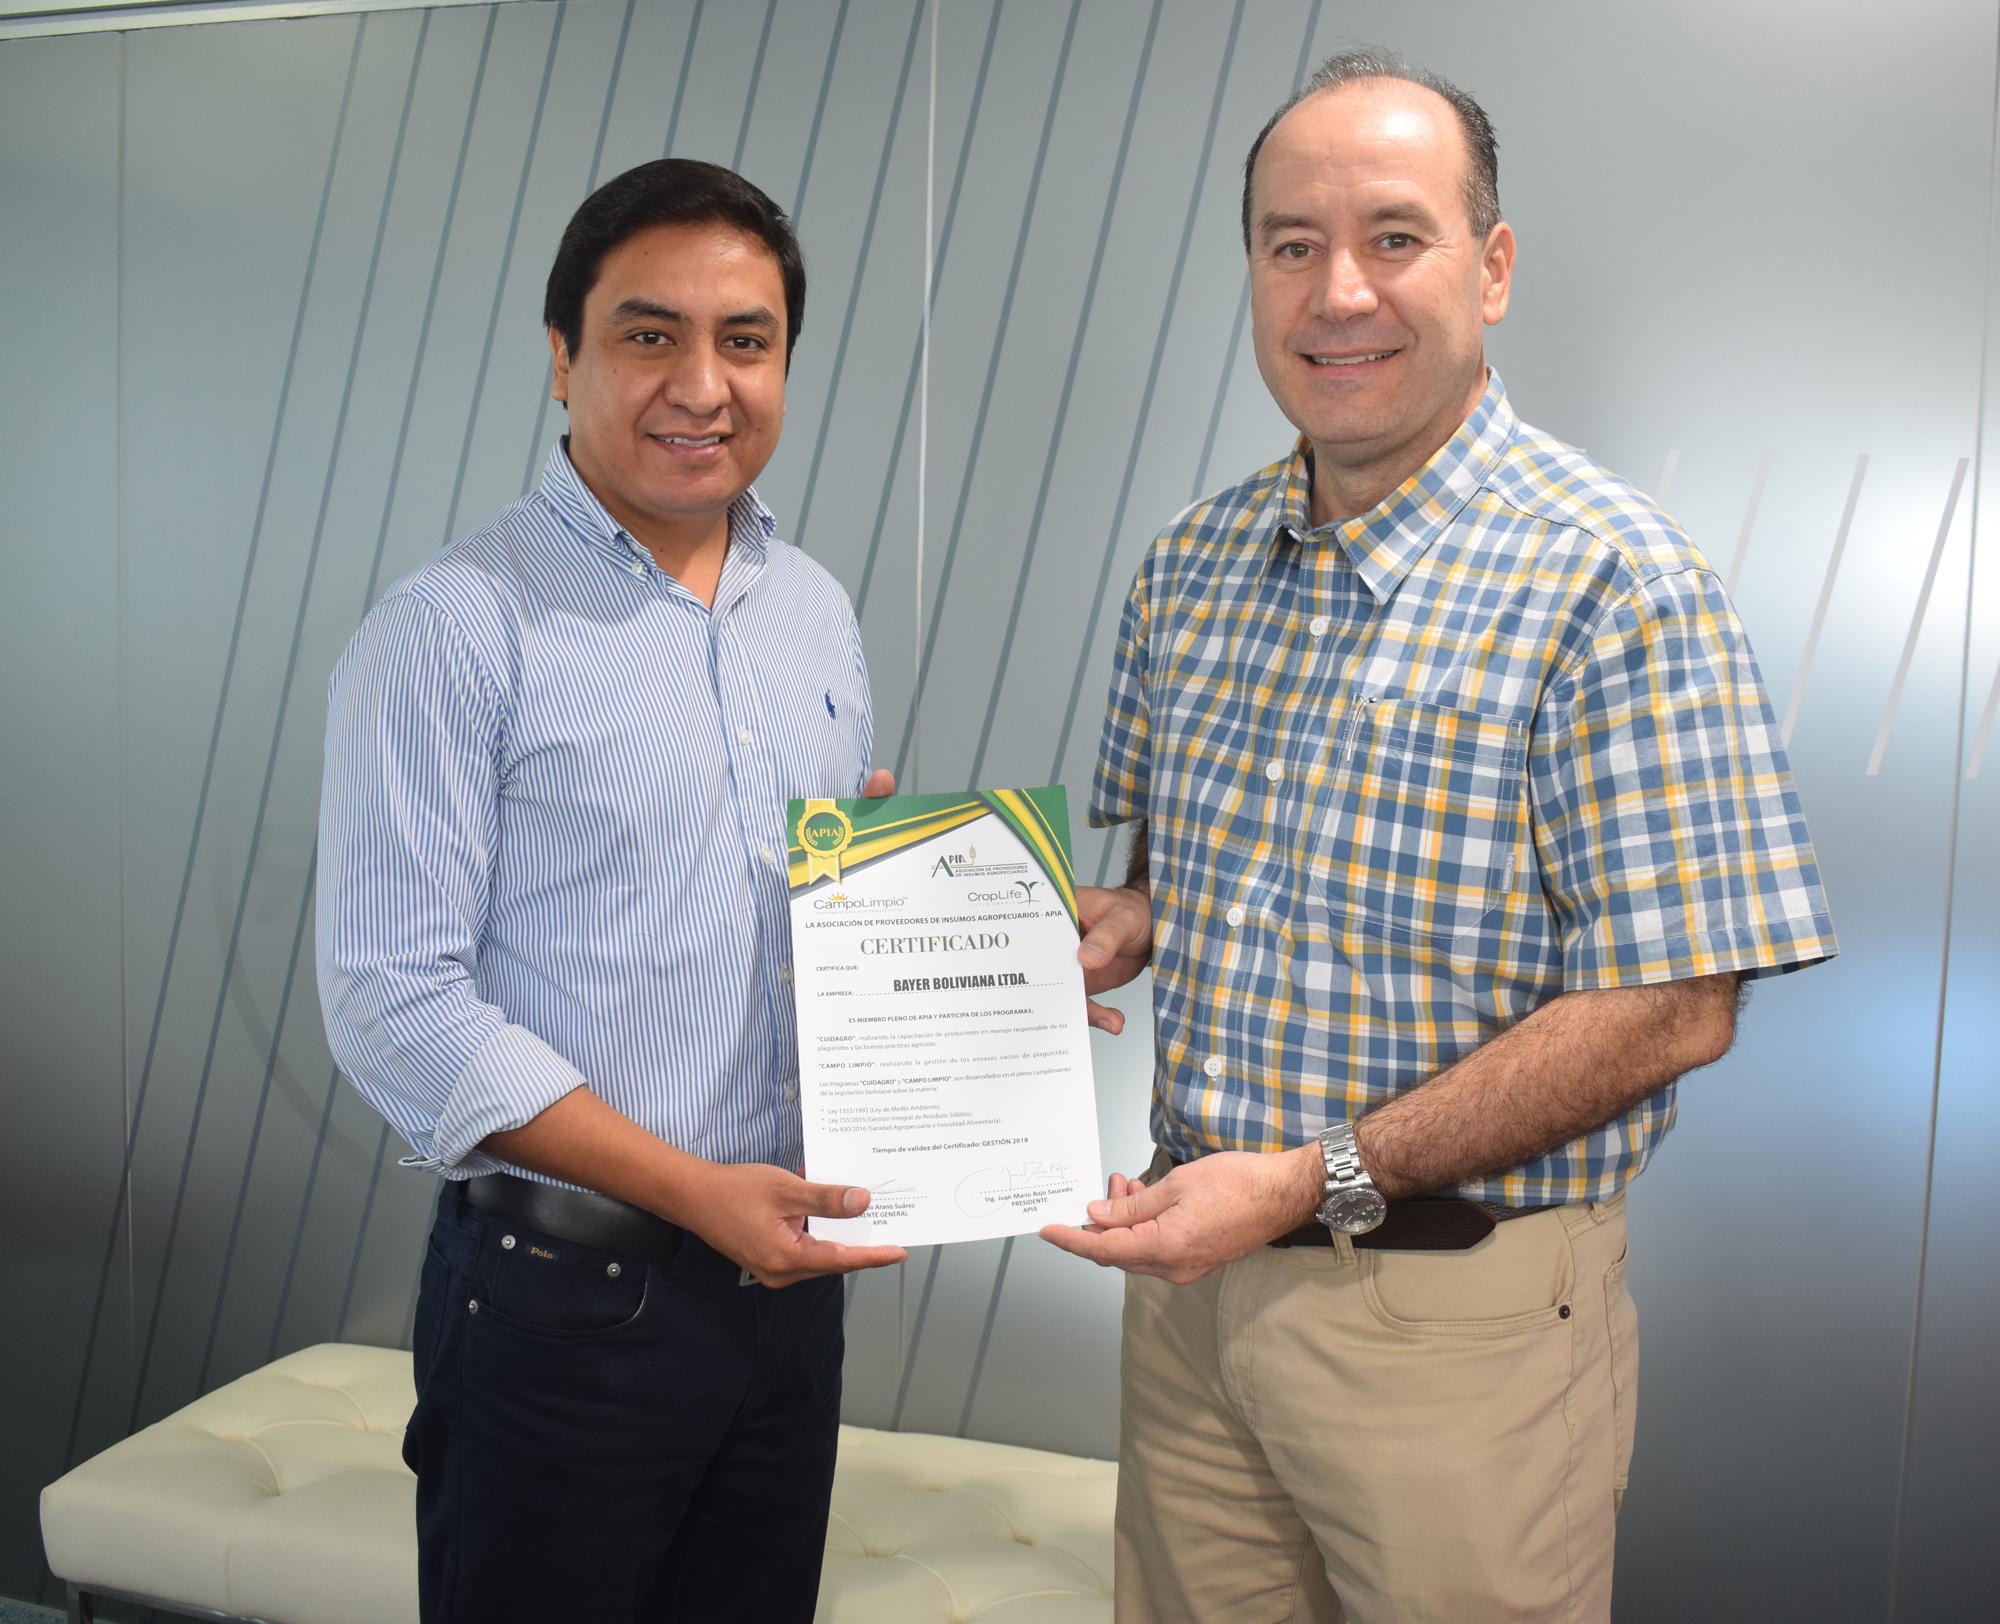 Bayer es reconocida por su apoyo a las buenas prácticas agrícolas